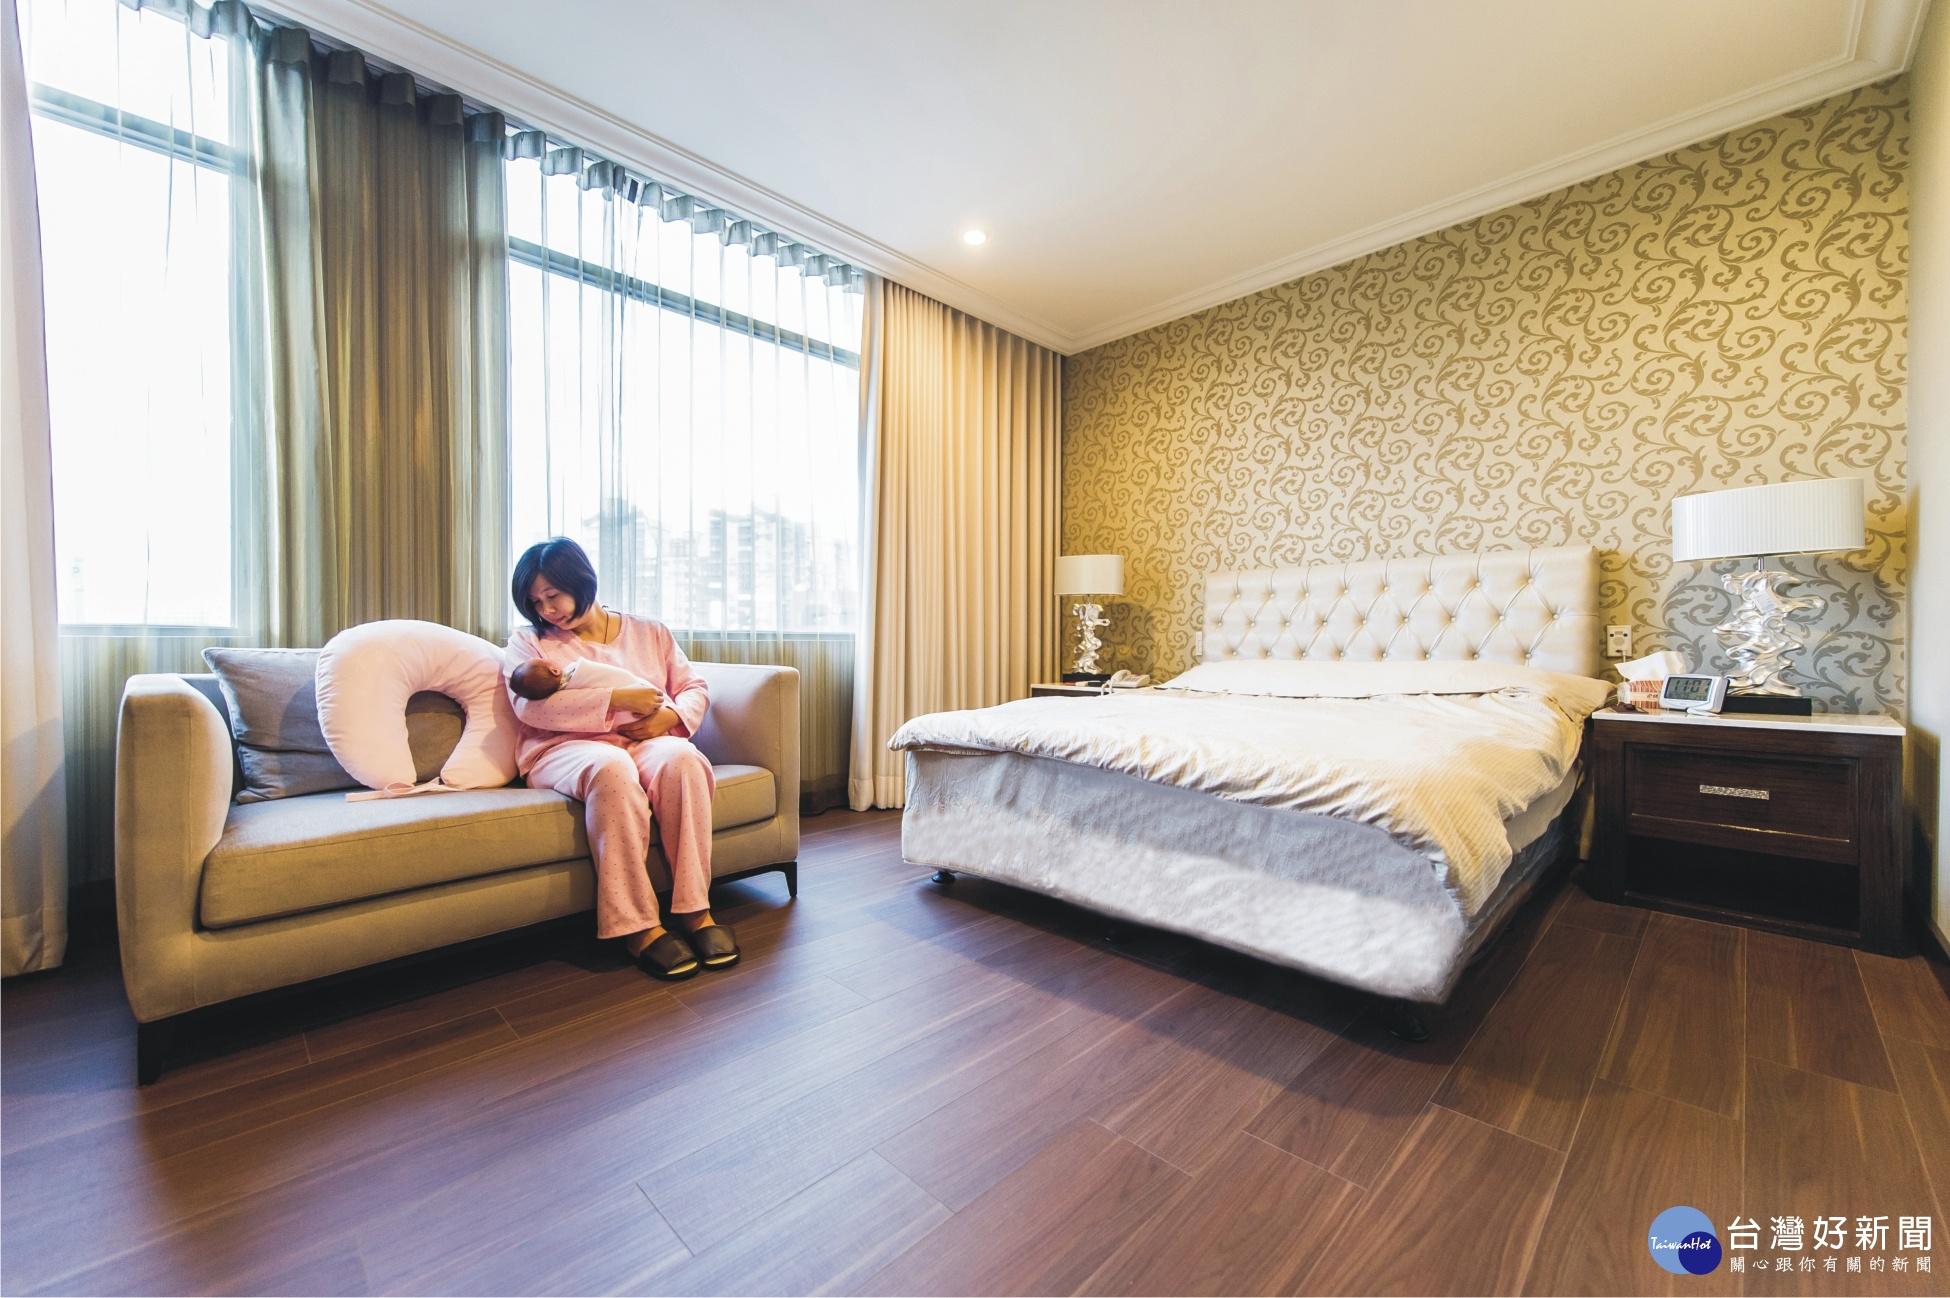 安其產後護理之家 100%滿意度和住房率